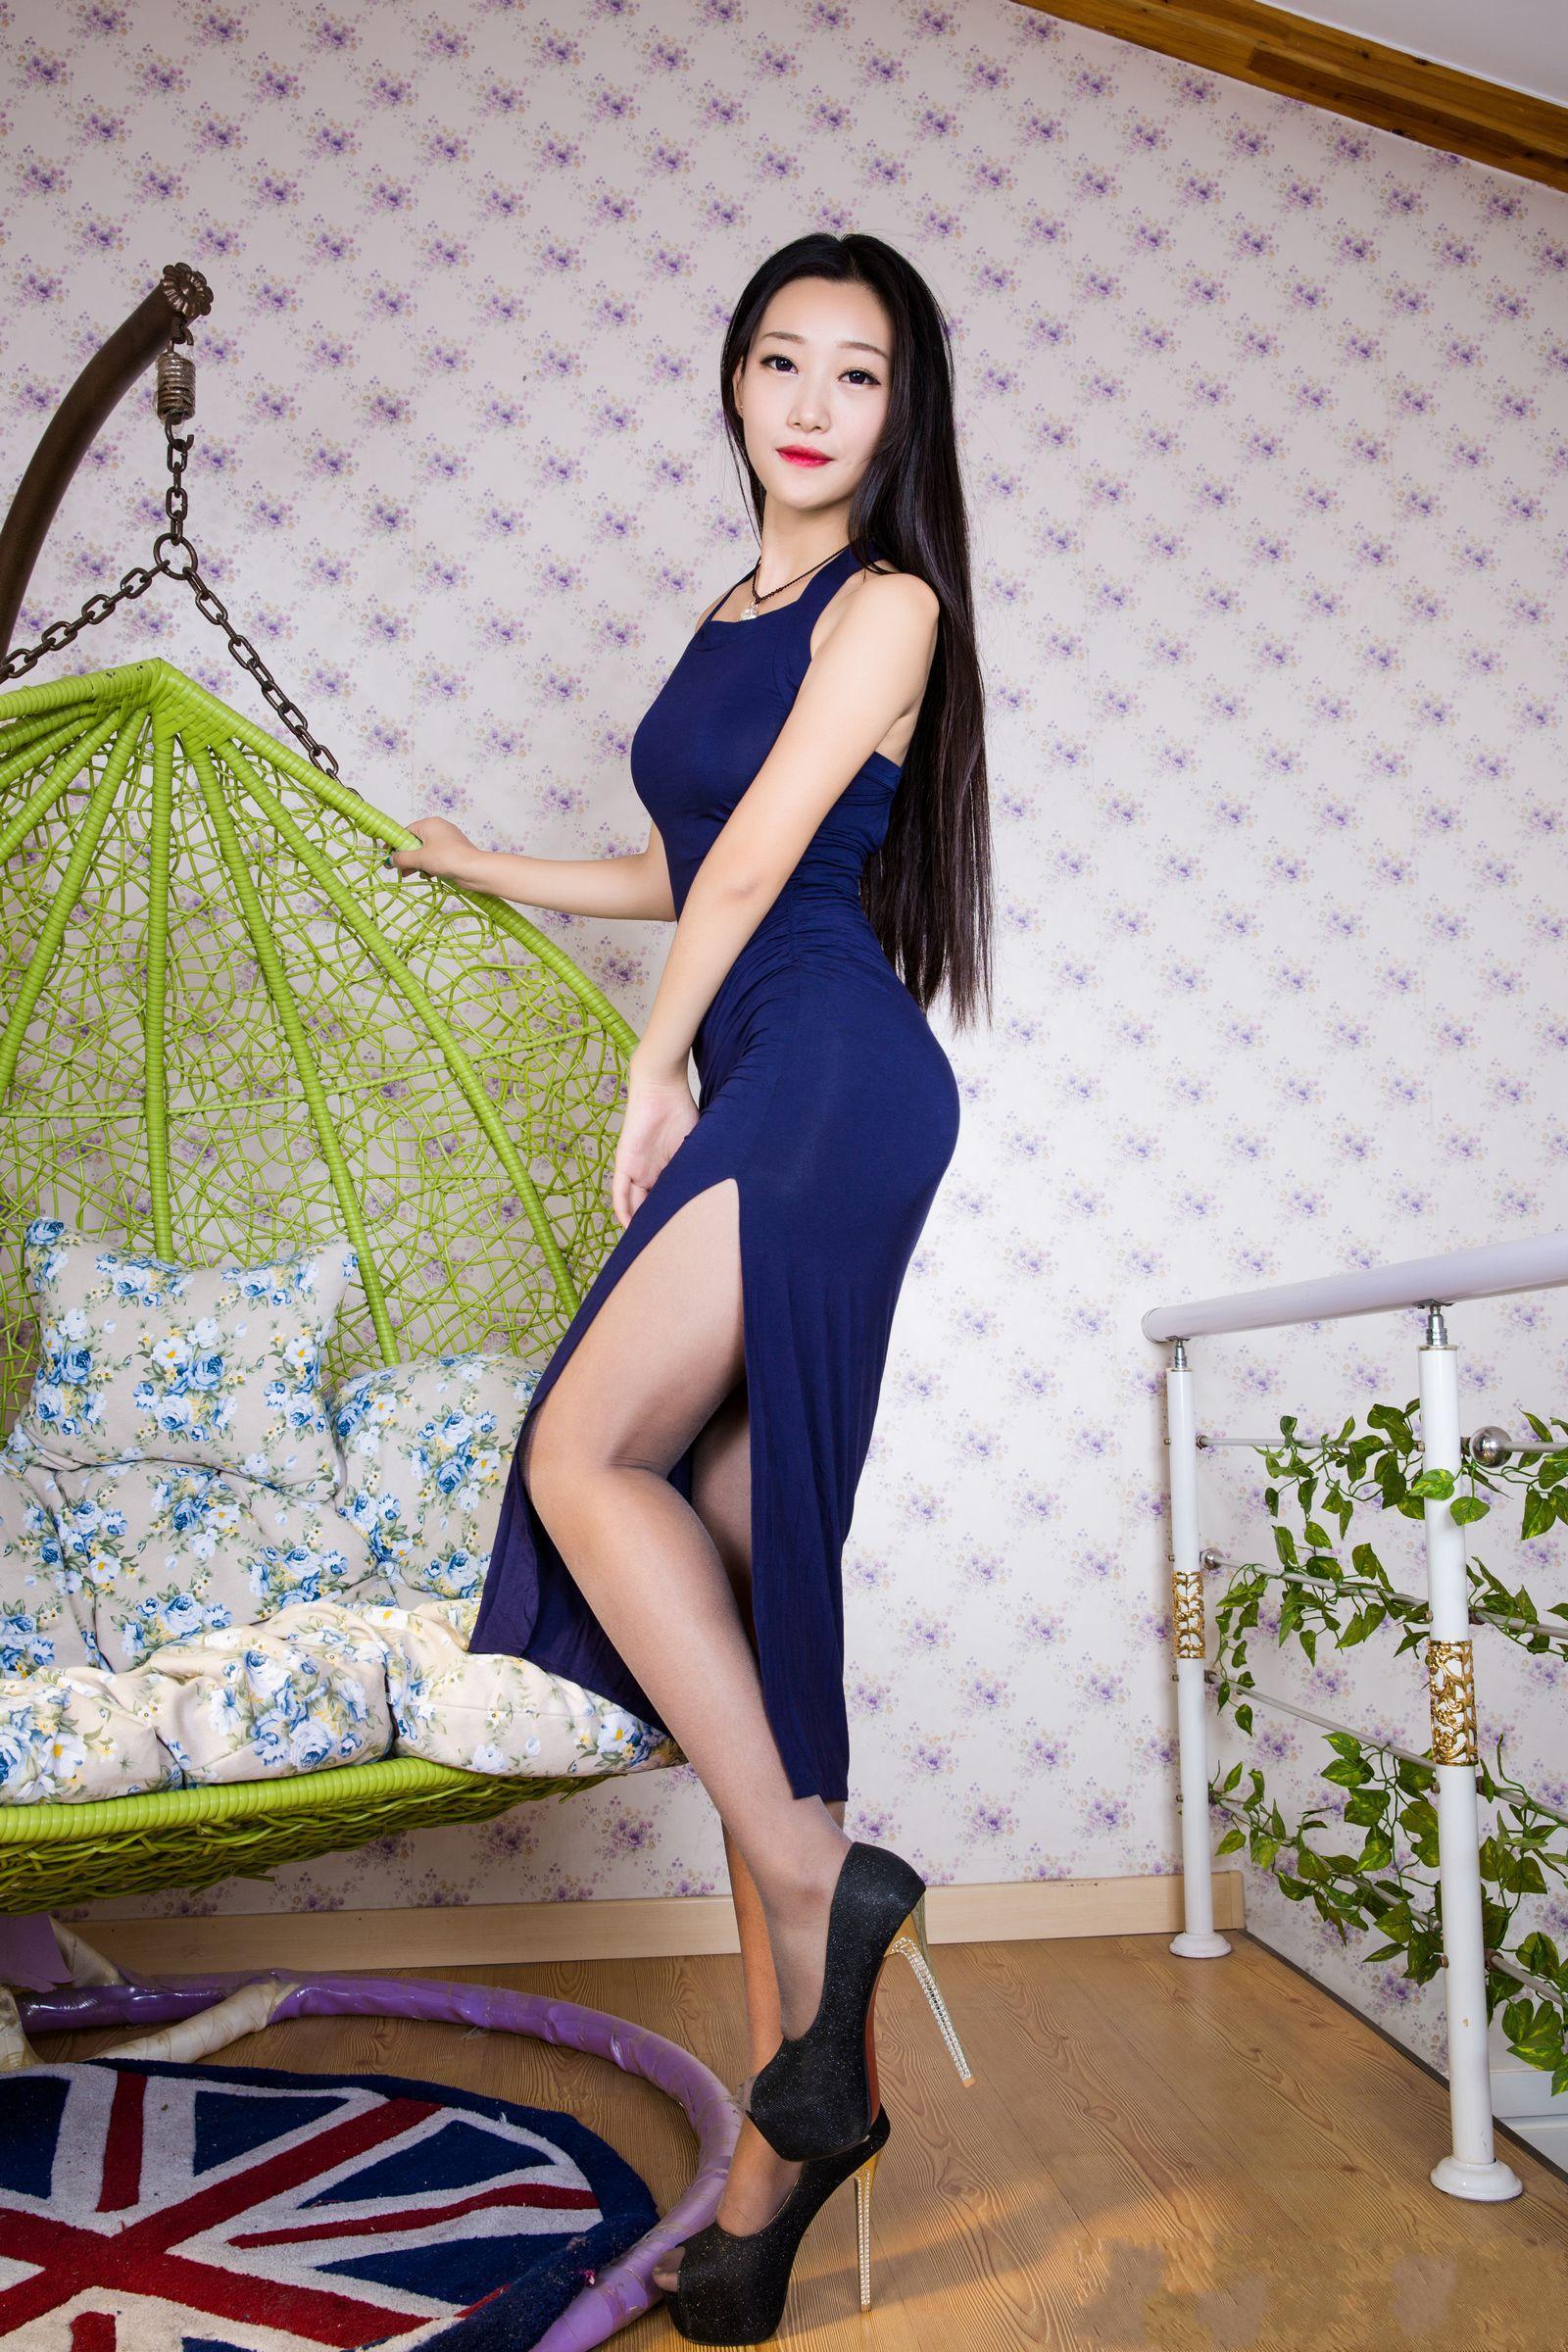 爱秀妍妍美腿秀B - 花開有聲 - 花開有聲